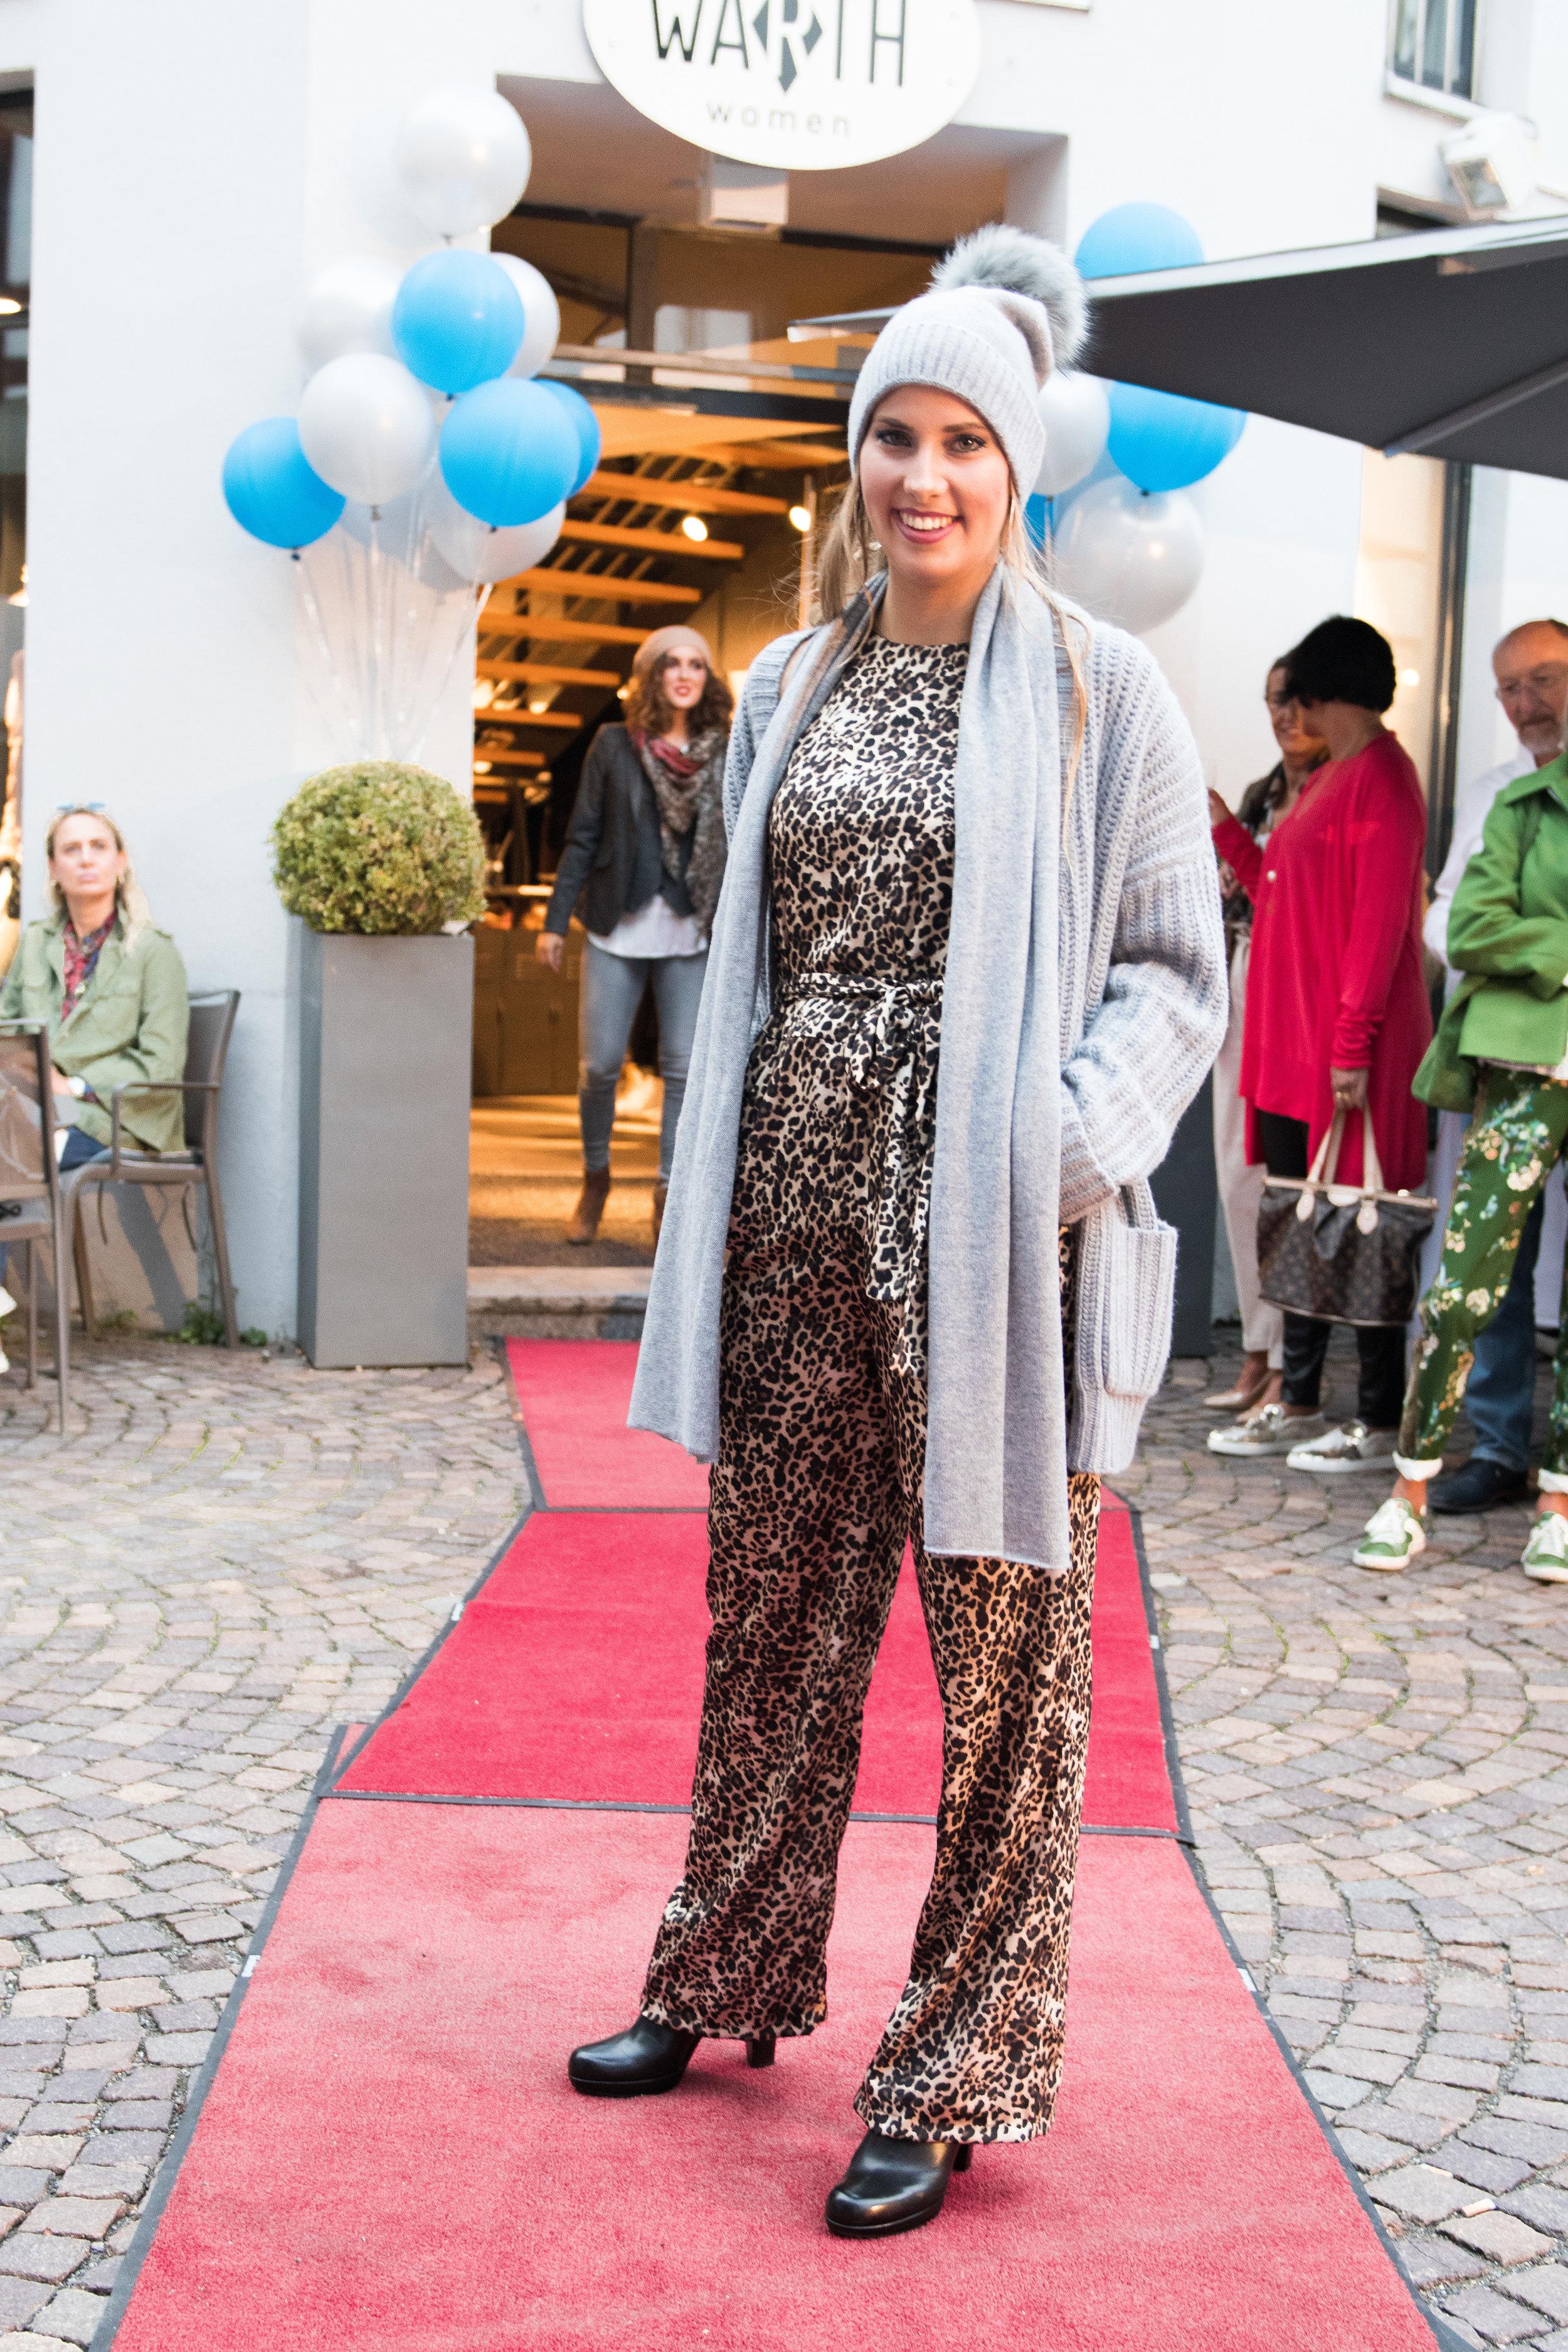 Fashionshowbackstage_24.jpg